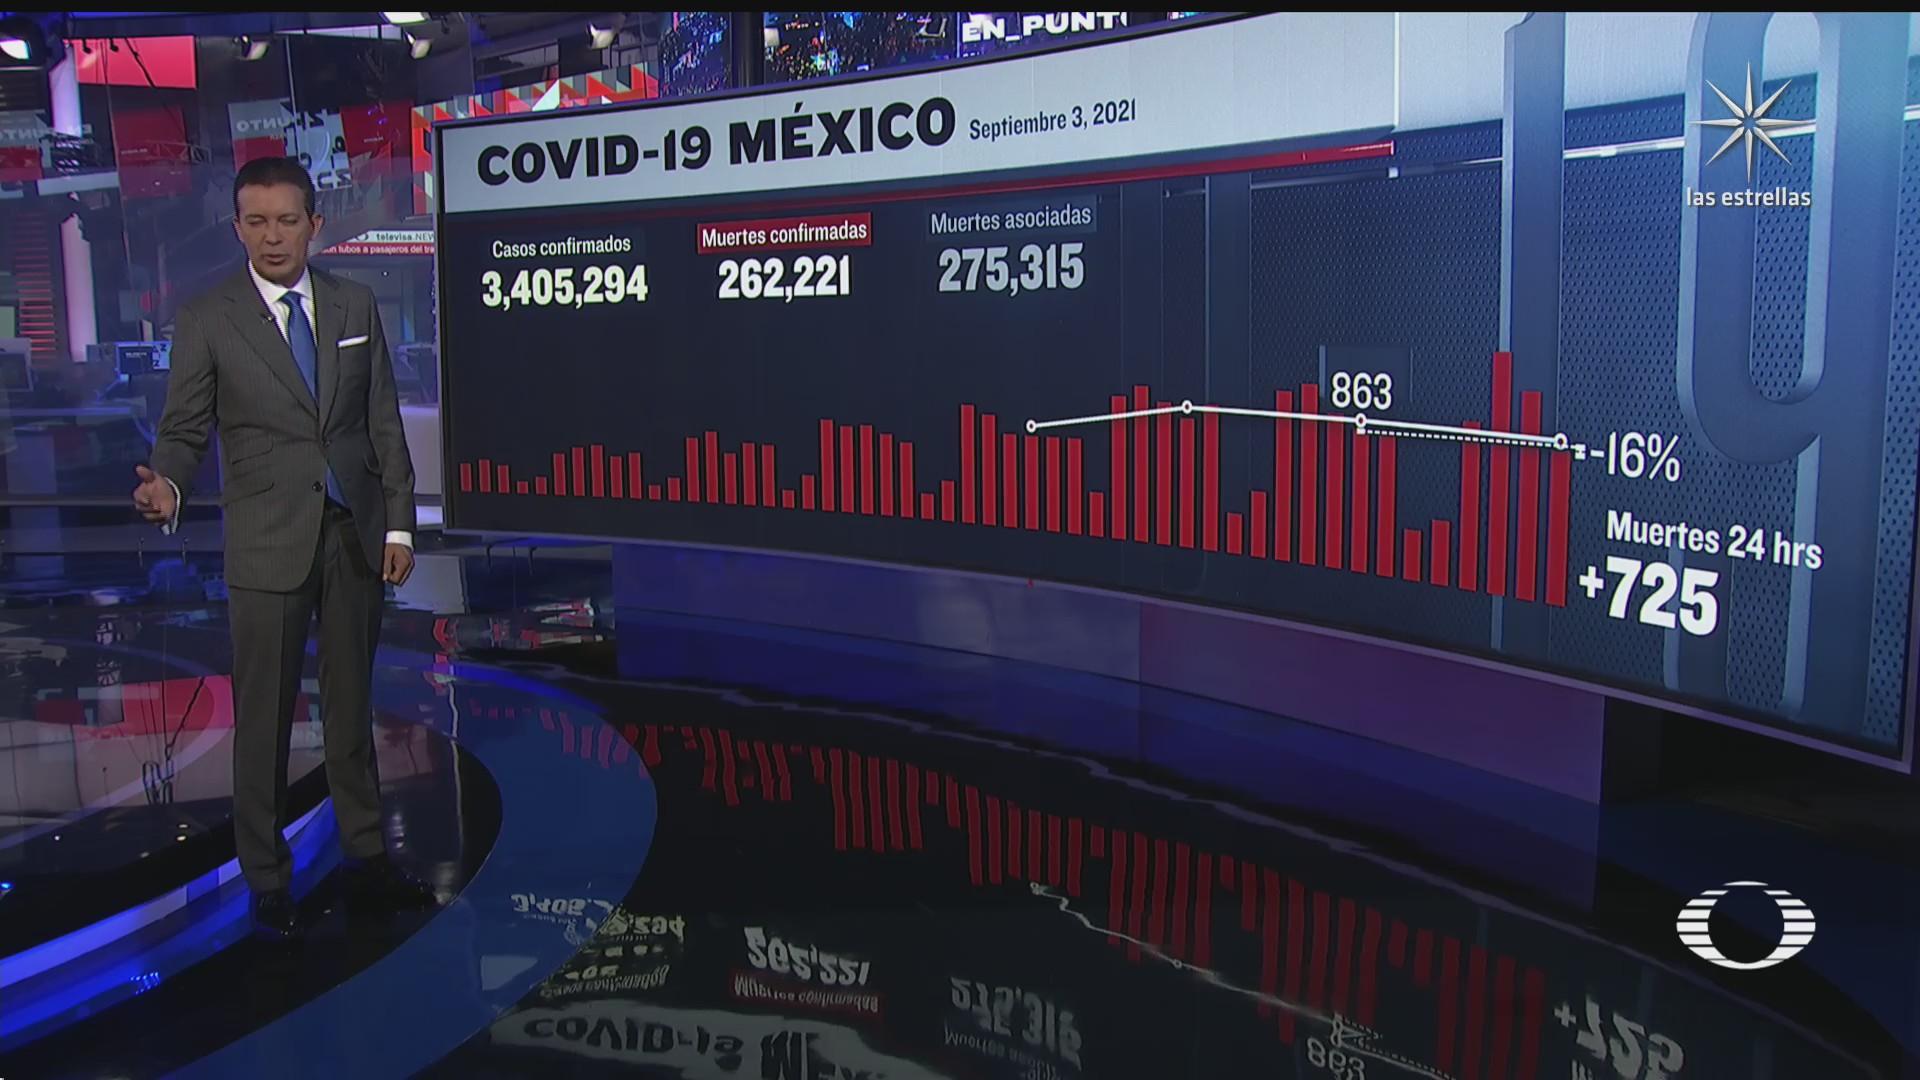 suman en mexico 262 mil 221 muertos por covid en mexico